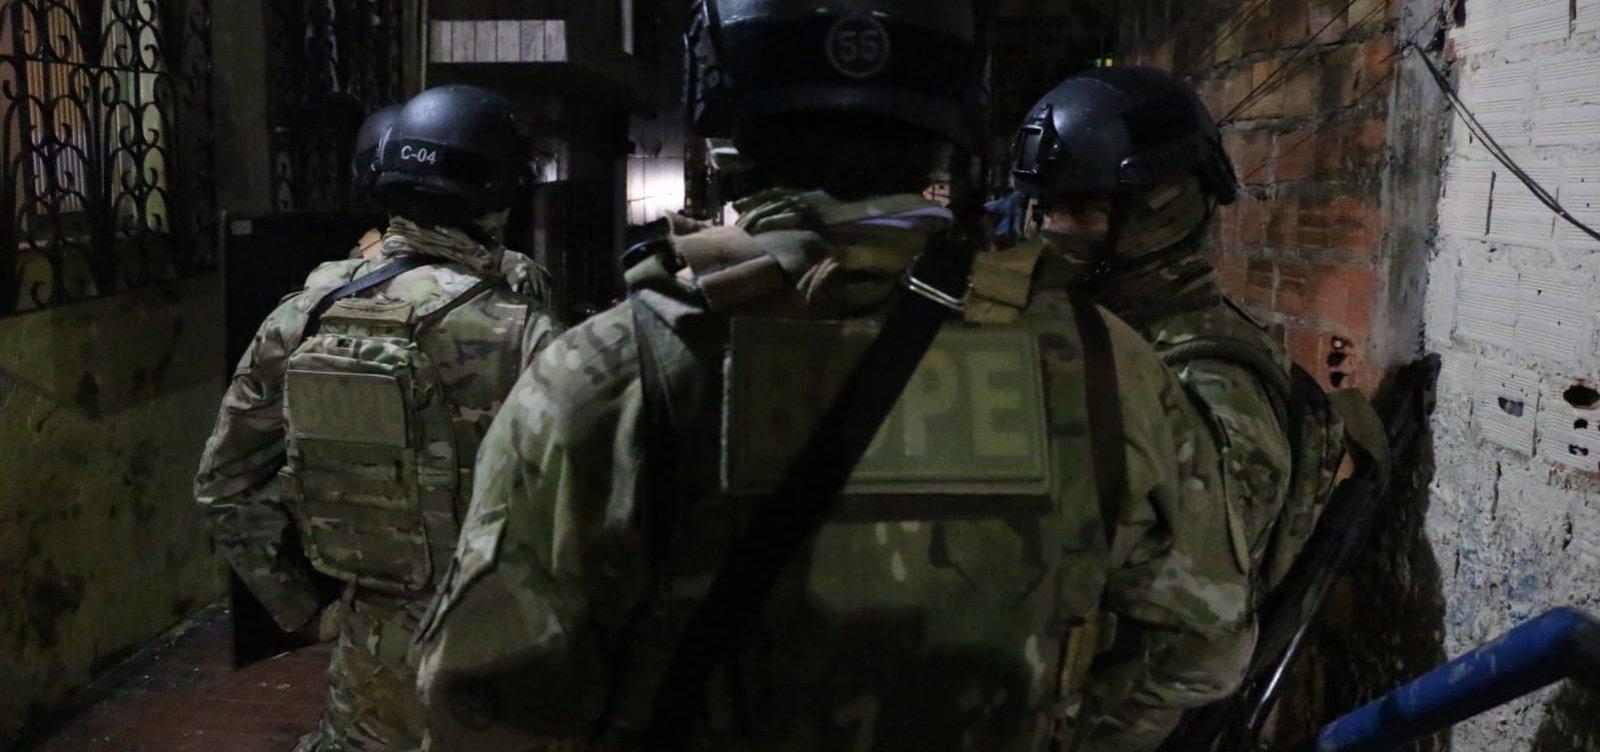 Grupo é preso após fazer reféns no bairro da Cidade Nova, em Salvador